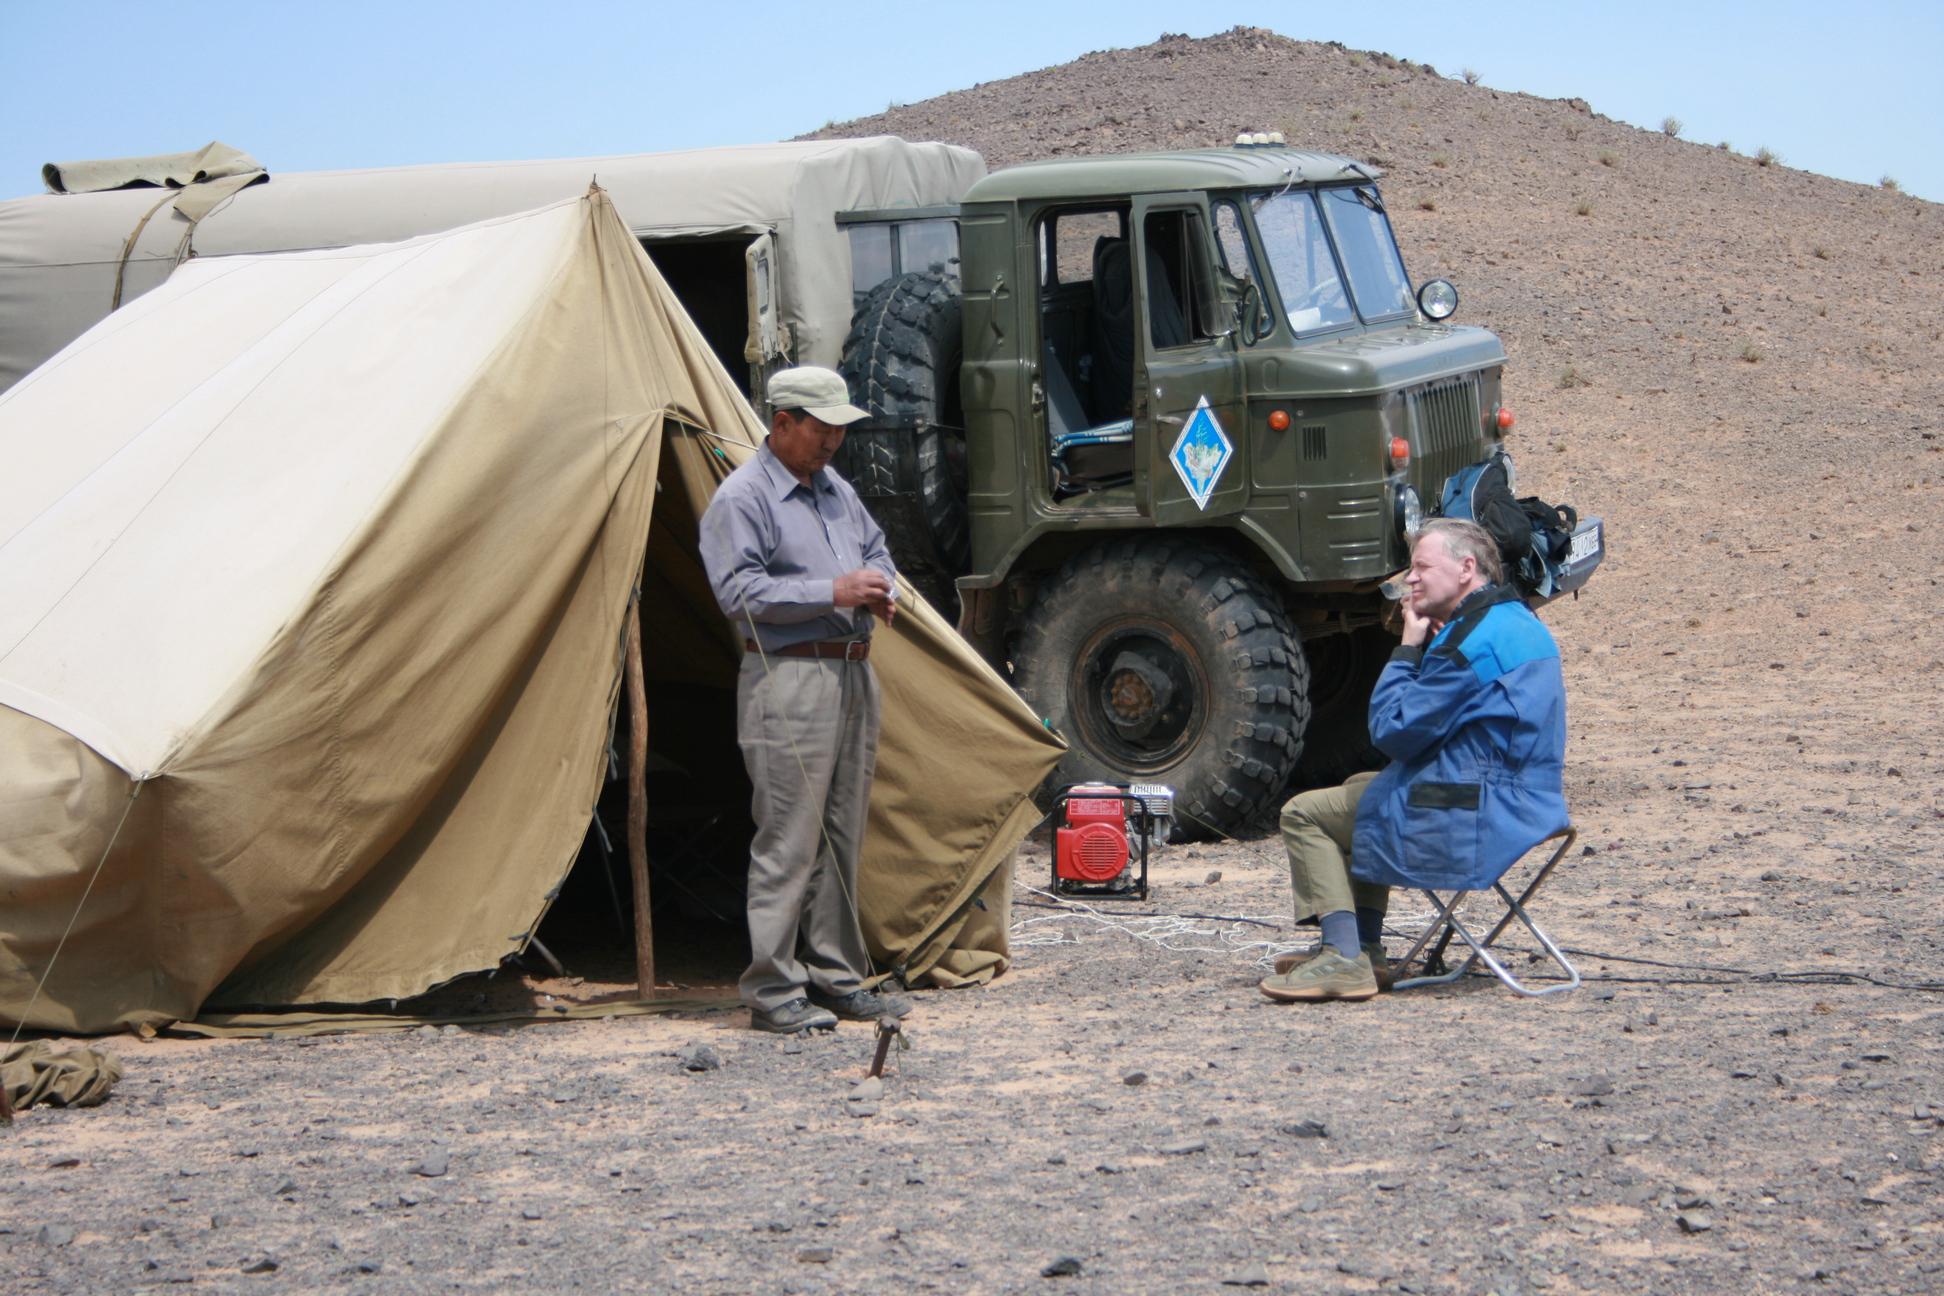 Полевая жизнь в пустыне Гоби (Монголия). Фото С. Н. Литвинчука. 24.06.2008